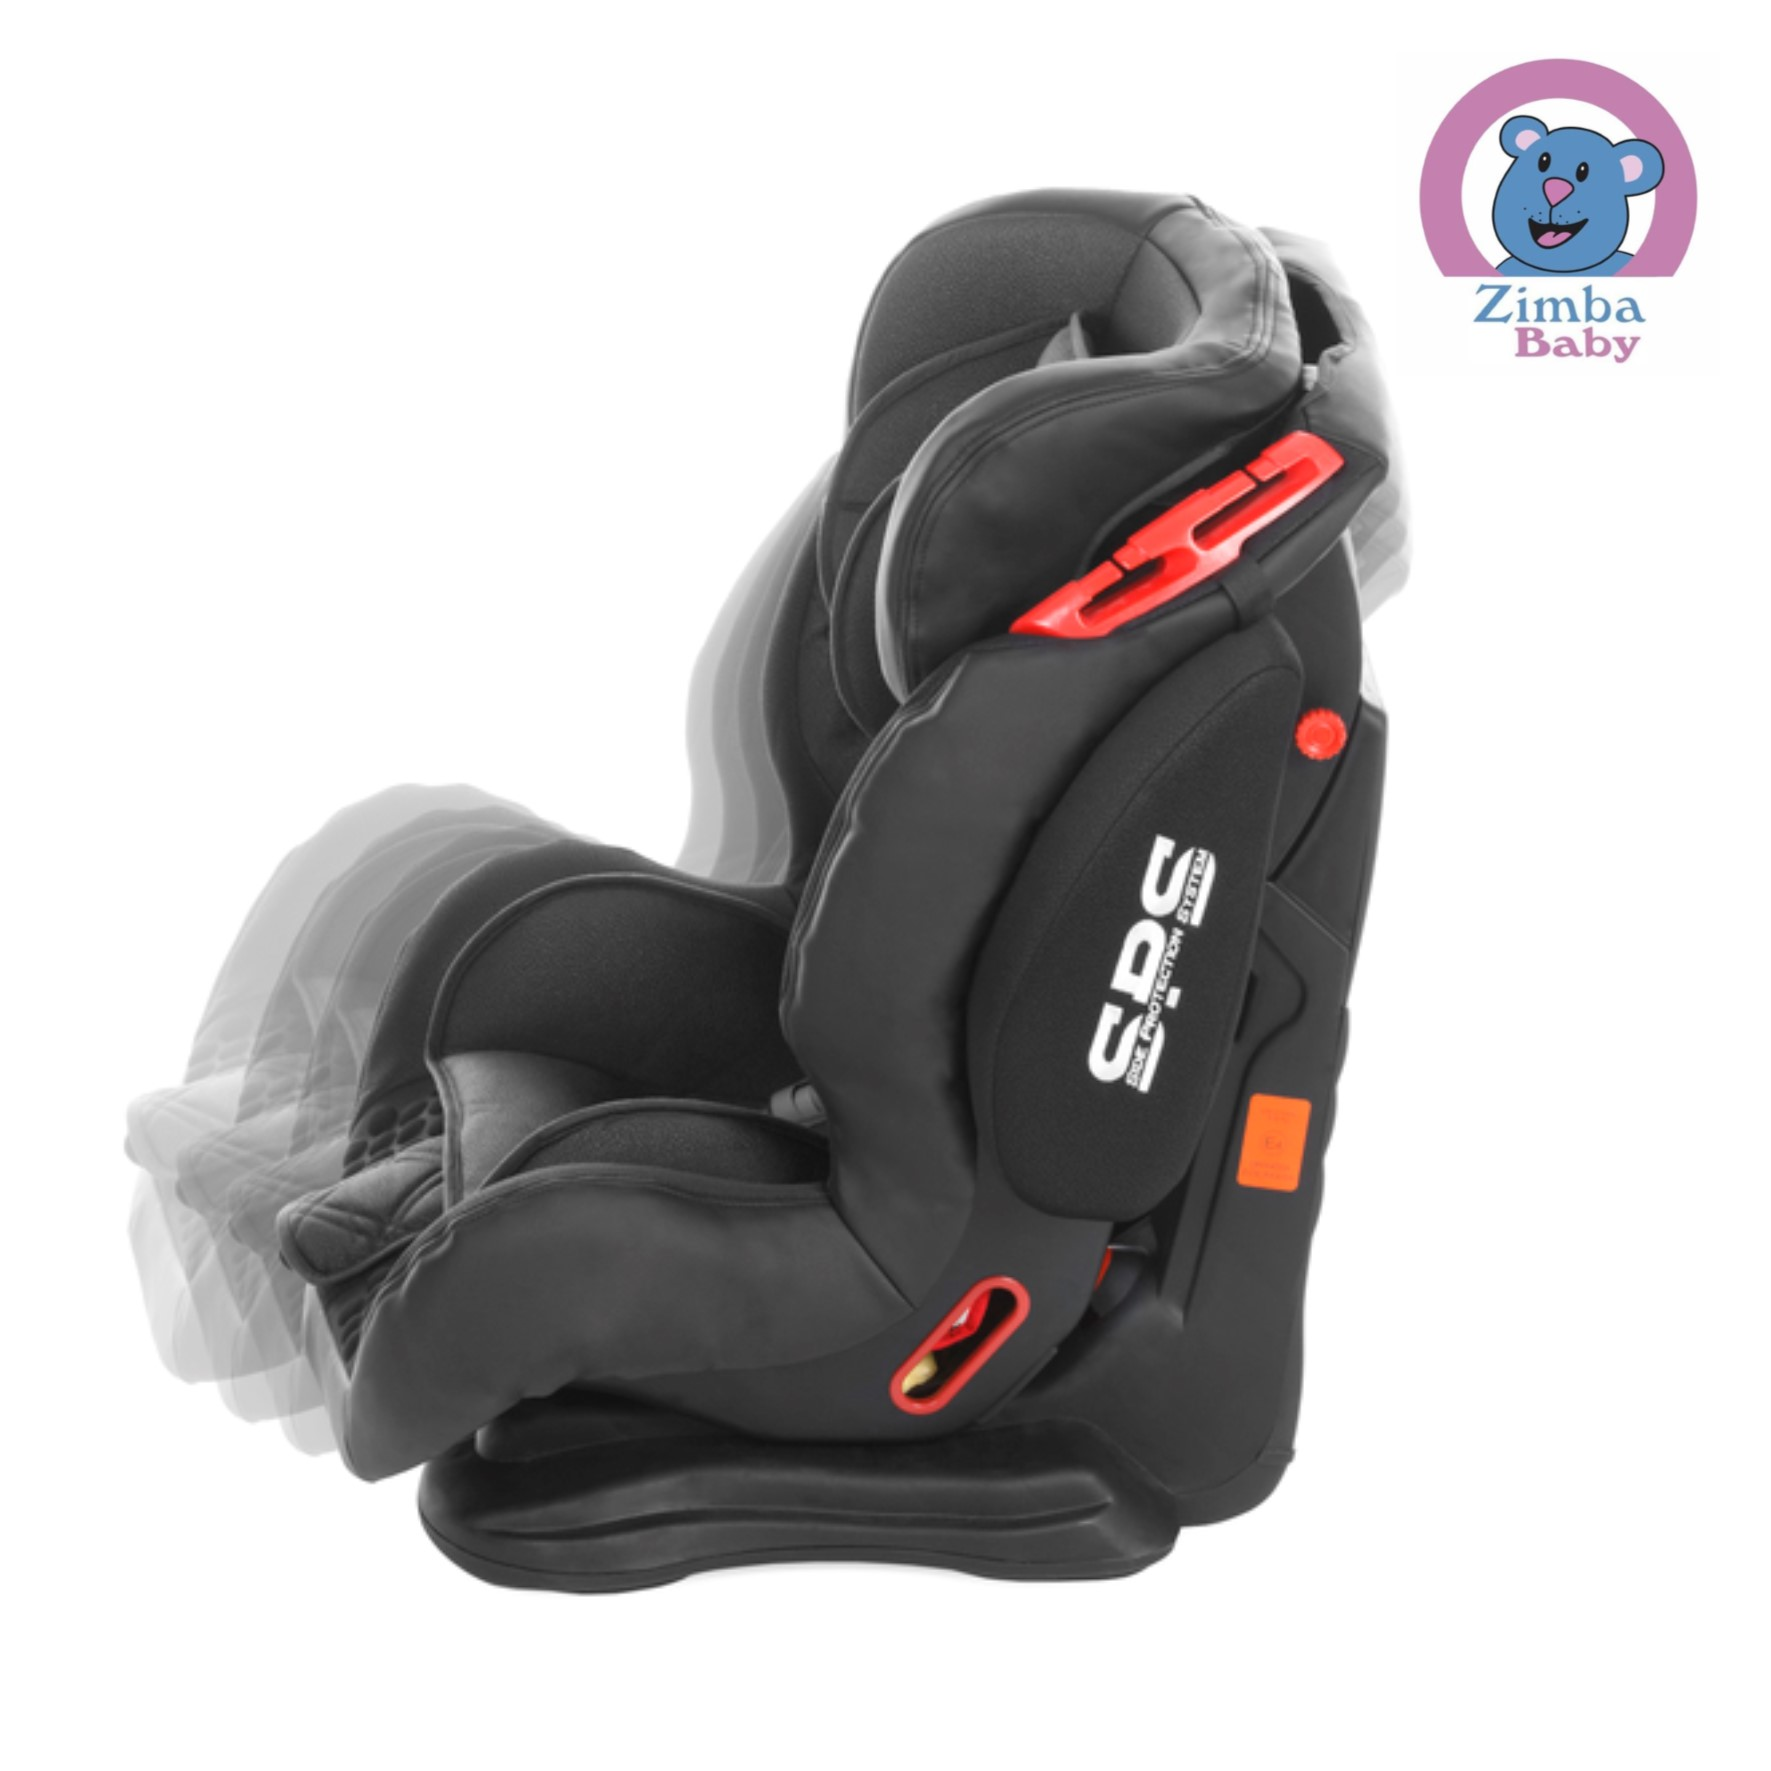 Cadeira para Auto - Cockpit - Reclinável 3 Posições - Preta Carbon - De 9 a 36 Kg - Infanti